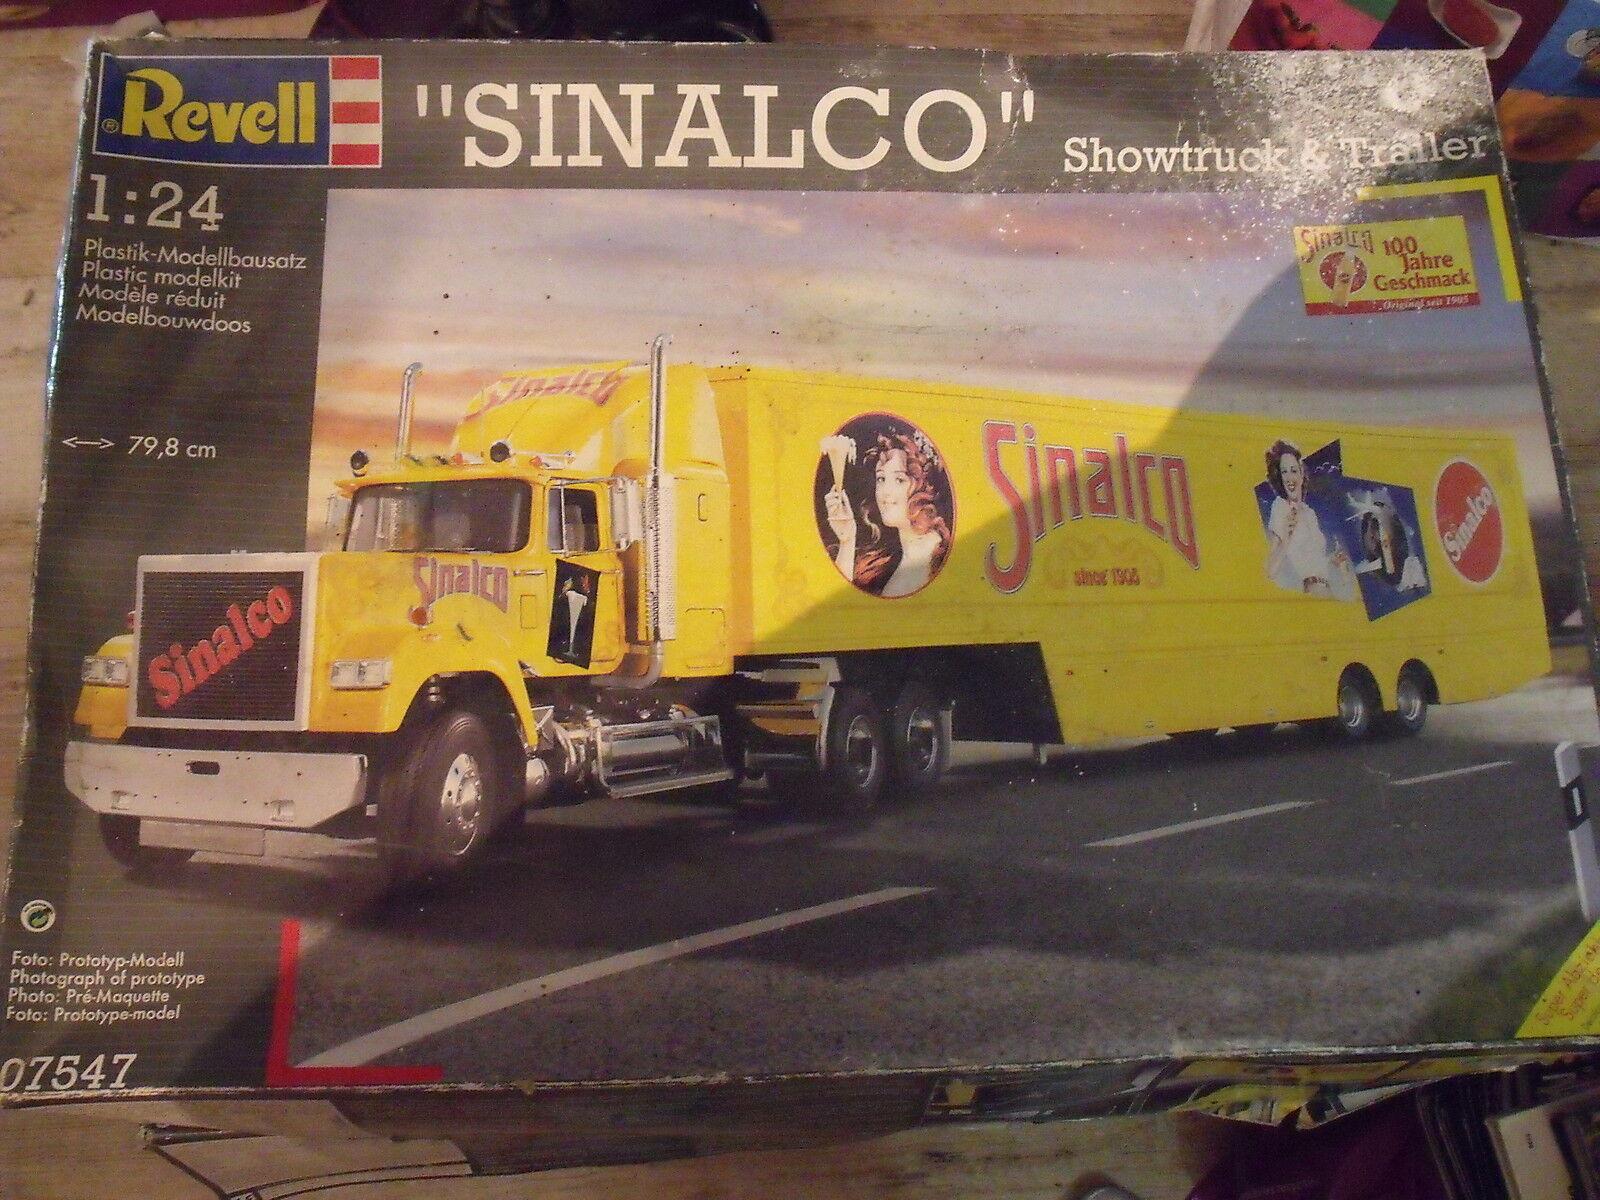 Förlaga REVEL 0757 Showtruck & Tjärnväger SINALCO